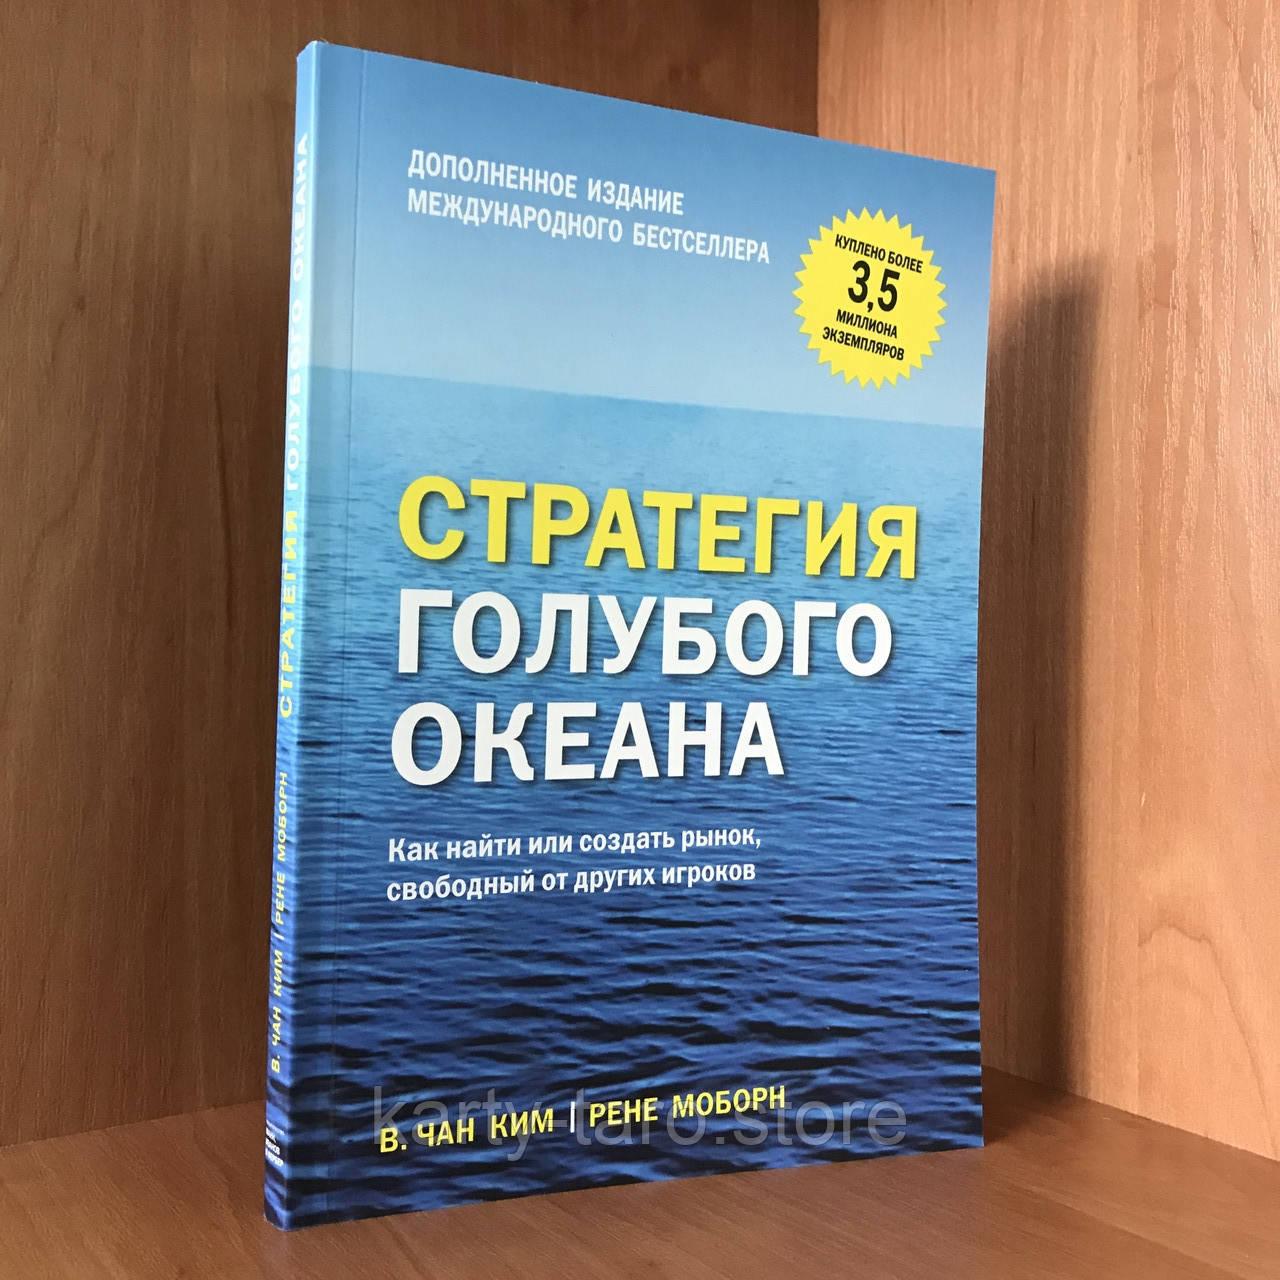 Книга Стратегия голубого океана. Как найти или создать рынок, свободный от других игроков - В.Чан Ким Р.Моборн